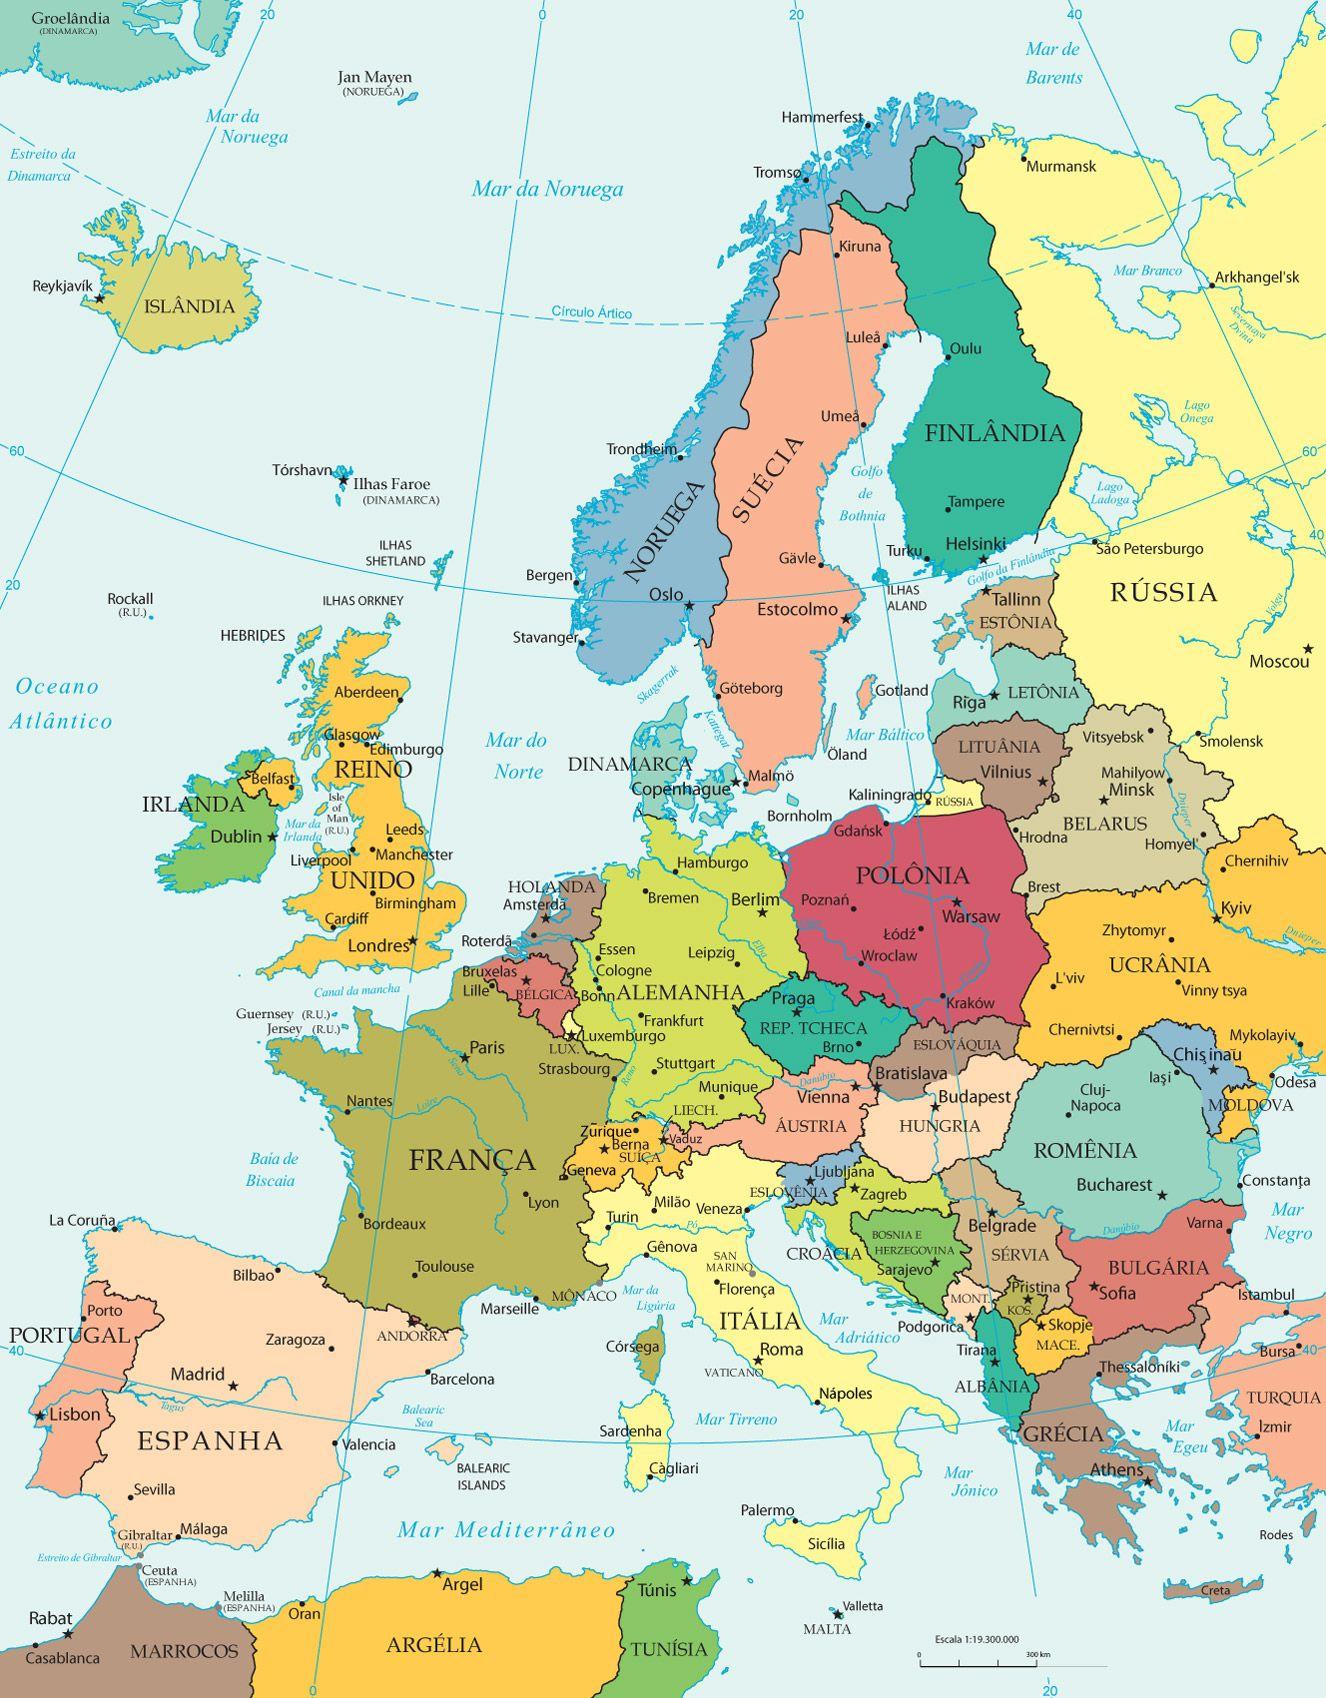 Mapa Politico | Mapas .